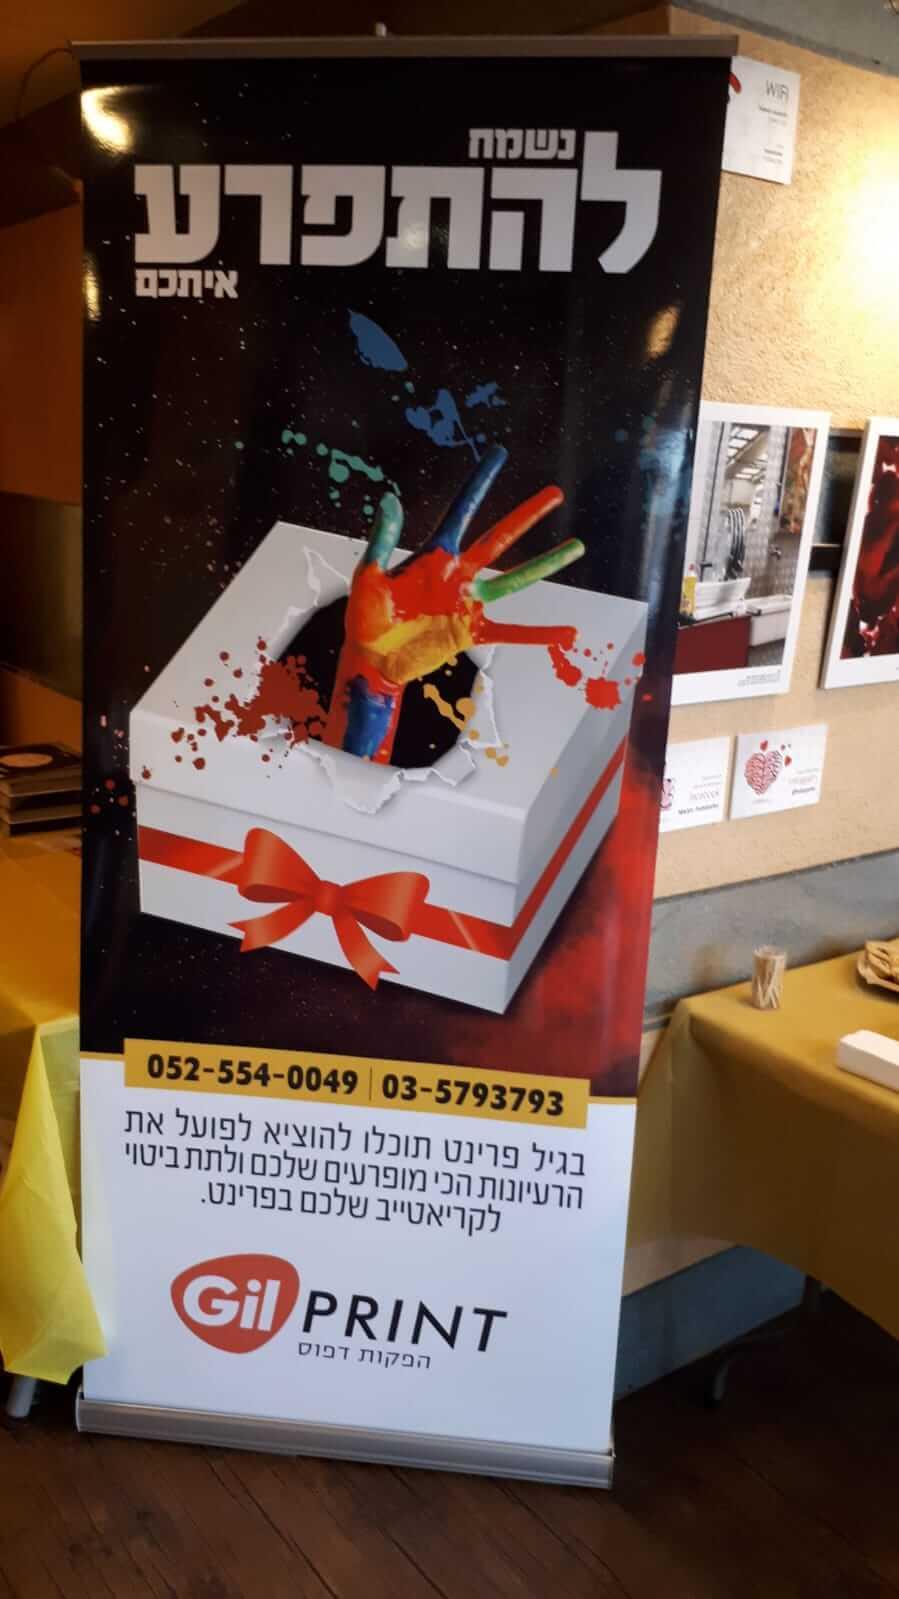 כבוד לפרינט: גלריה מתערוכת הפרינט של CMYK בשיתוף 'הבצפר' 10